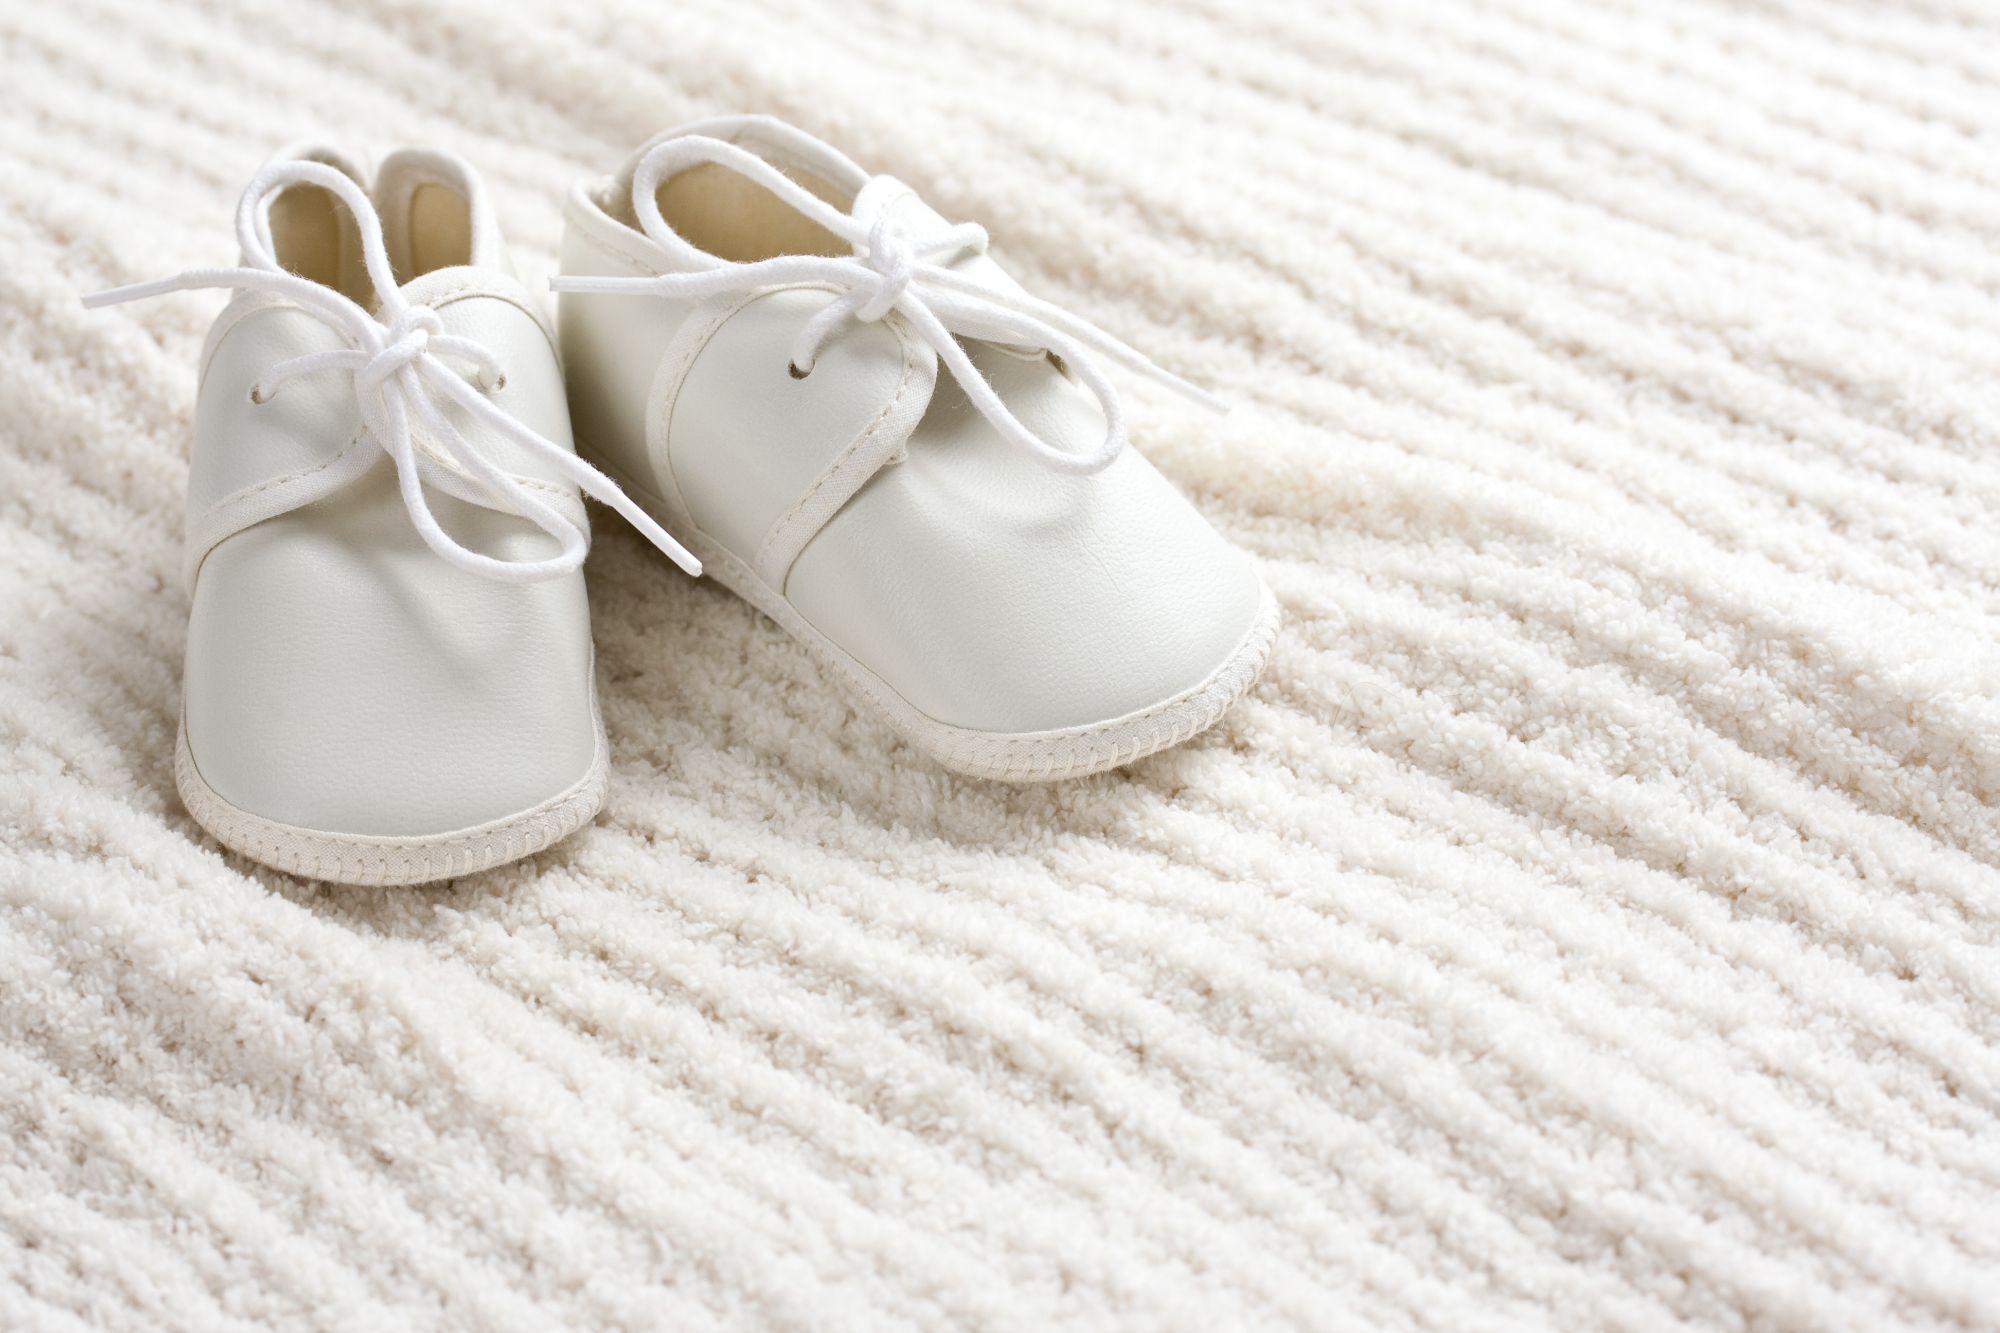 Calico Pregnancy Massage Postnatal Massage Little shoes